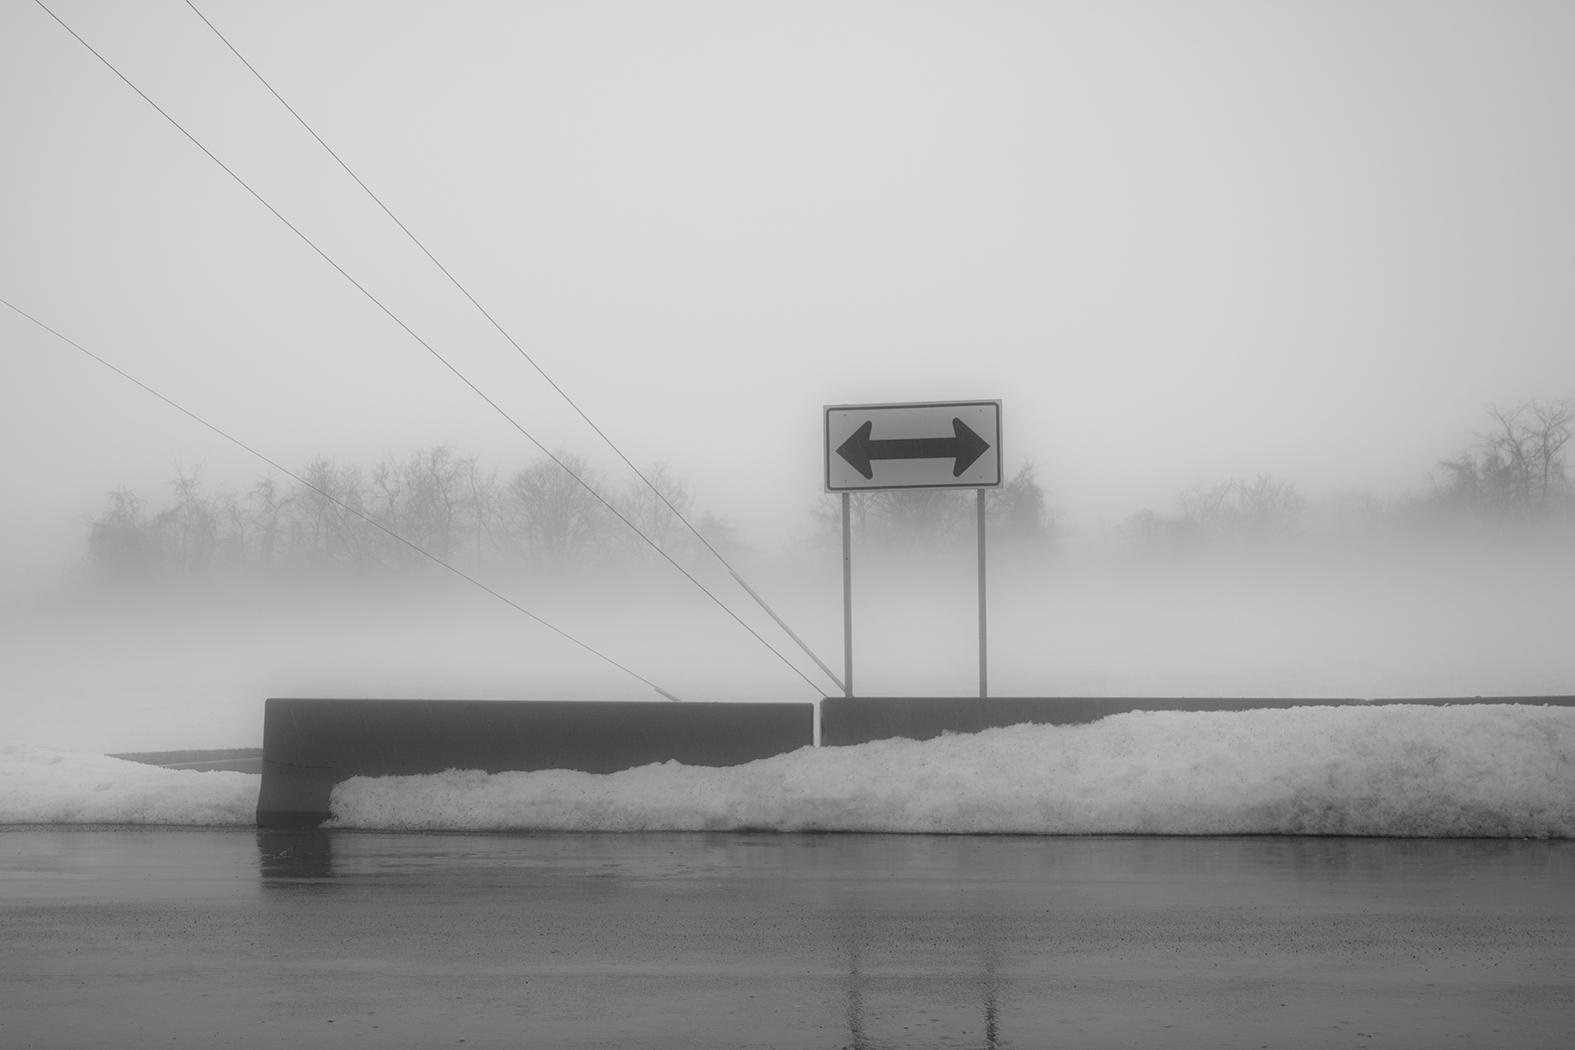 A sign on a foggy snowy day